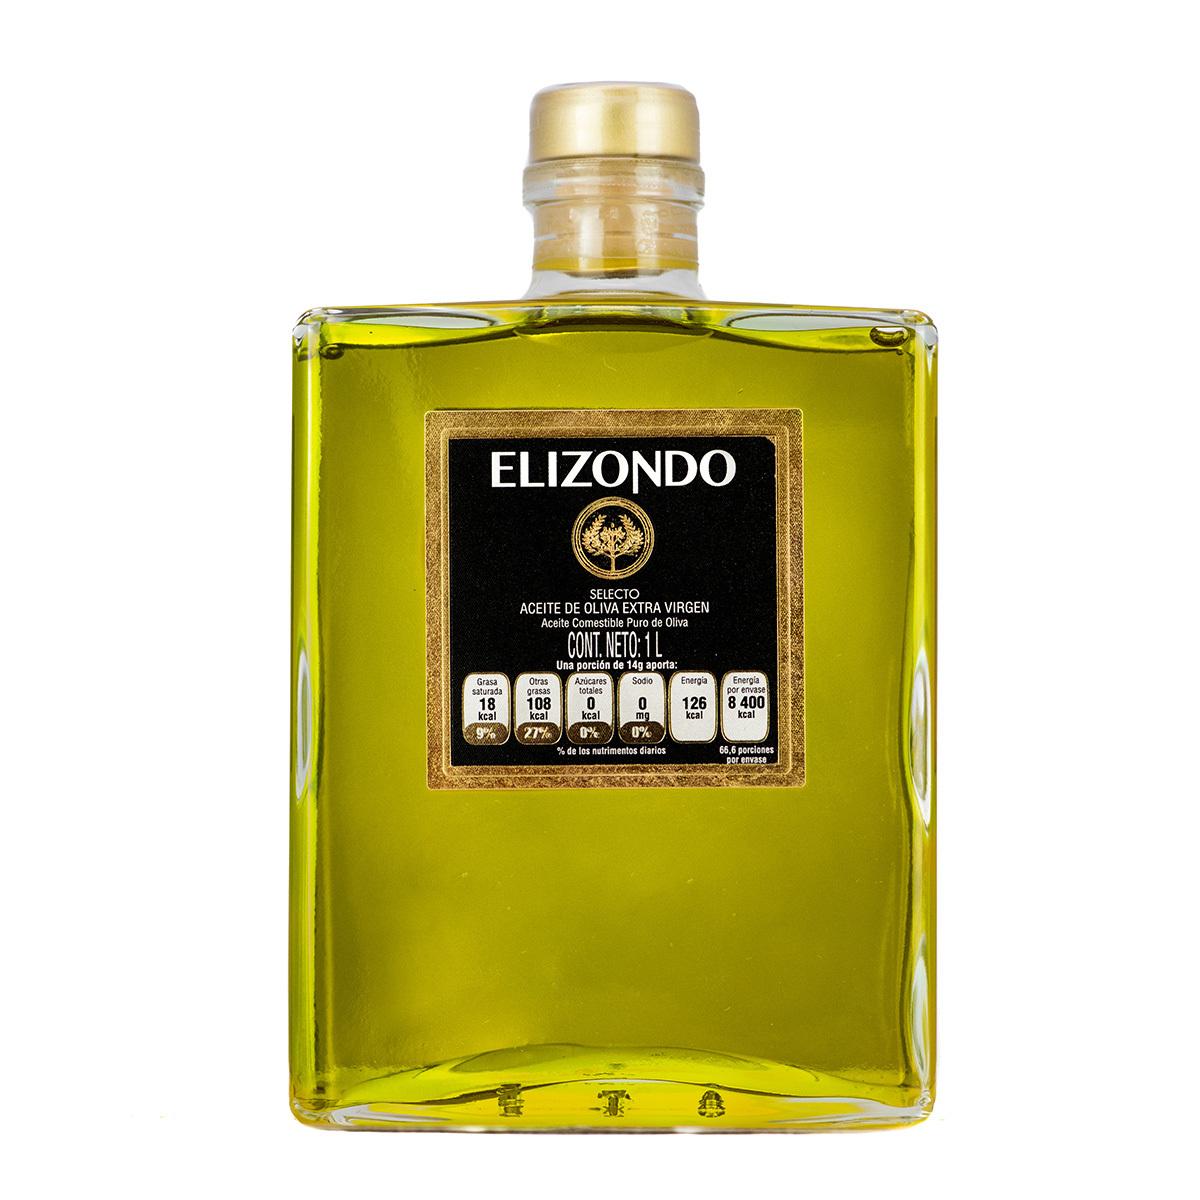 Costco: Elizondo aceite de oliva selecto 1 L